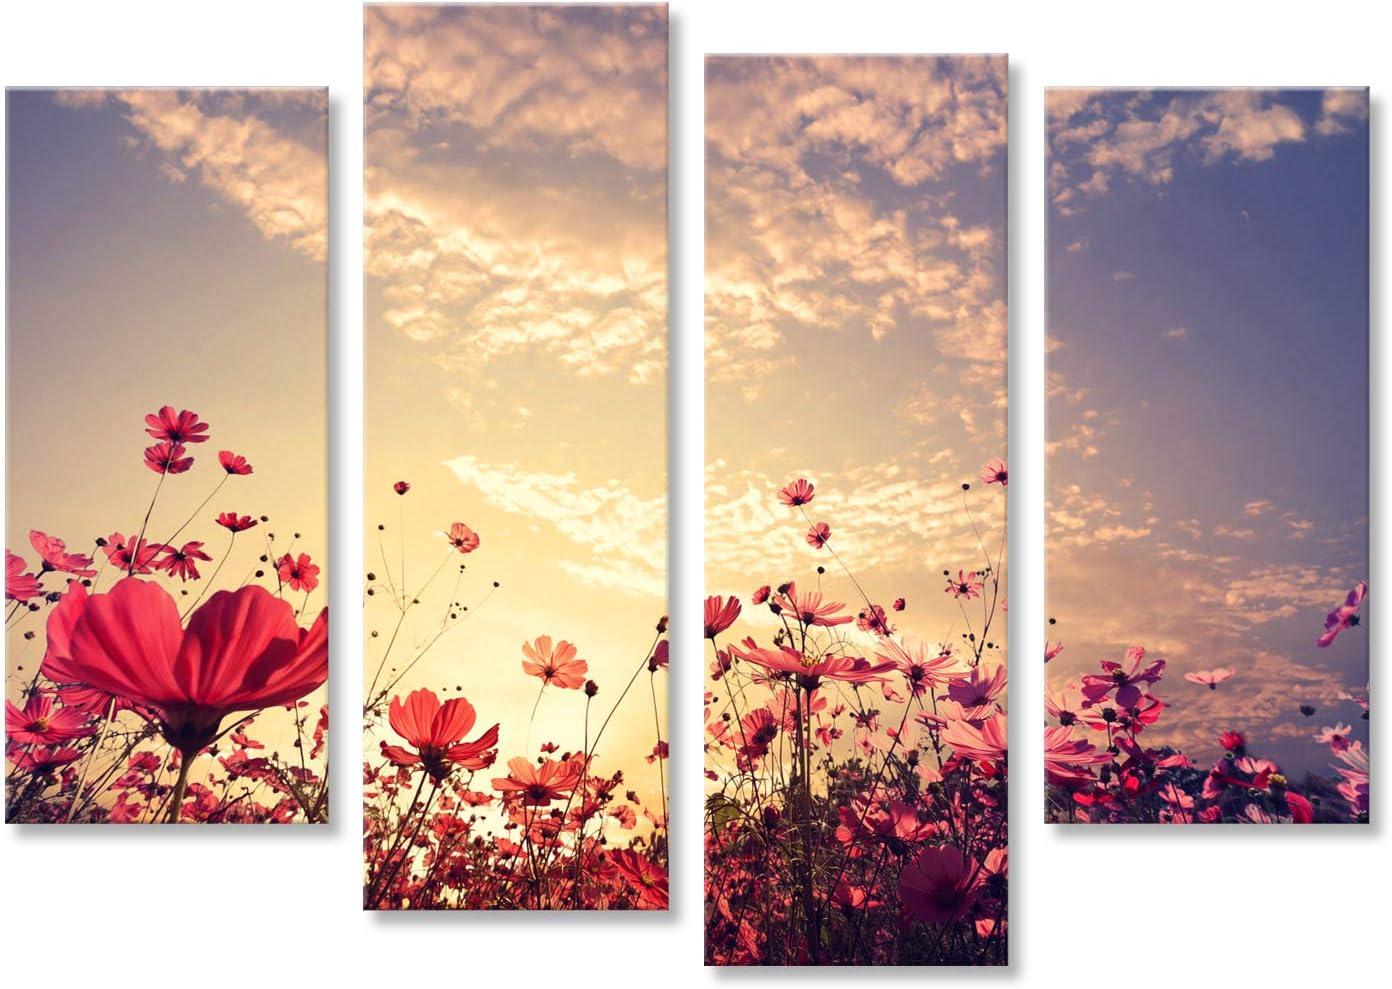 Cuadro Cuadros la Naturaleza de Fondo Paisaje de Campo de Flores Rojas Cosmos Hermosa Rosa y con Sun. Impresión sobre Lienzo - Formato Grande - Cuadros Modernos DRL